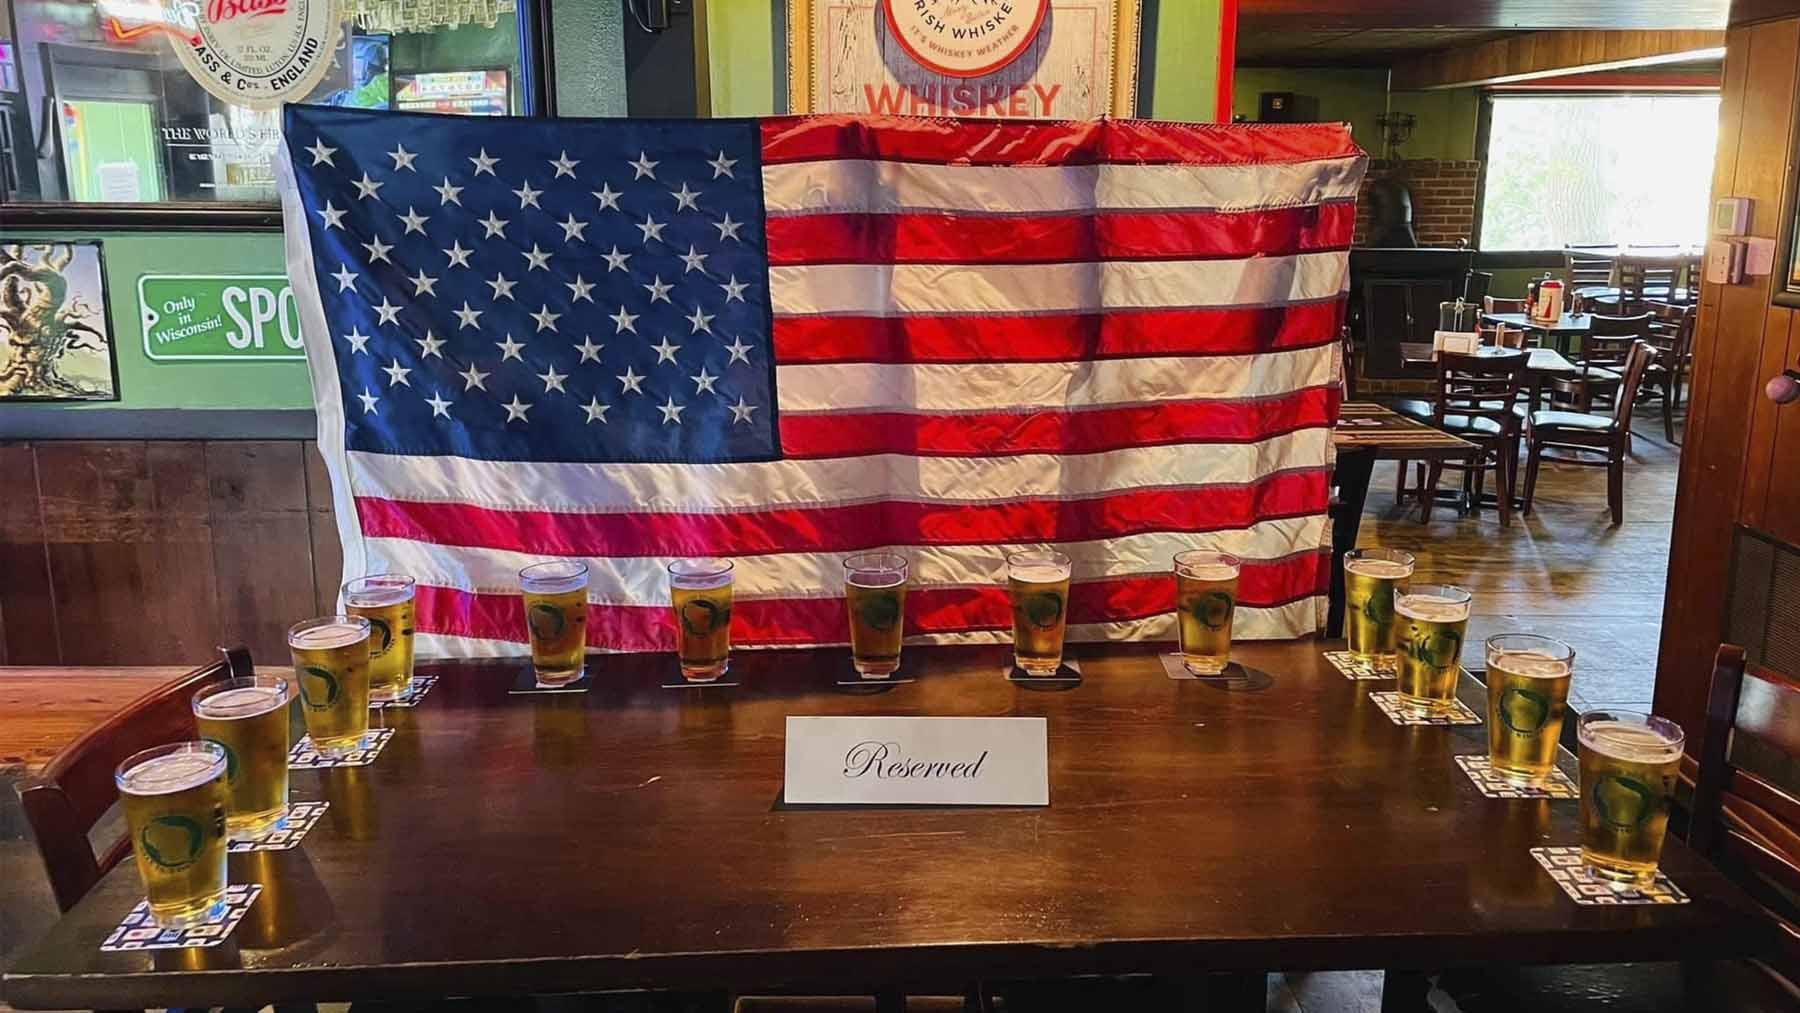 El bar AJOBrady's comparte la foto con la mesa y las cervezas reservadas para los 13 marines muertos